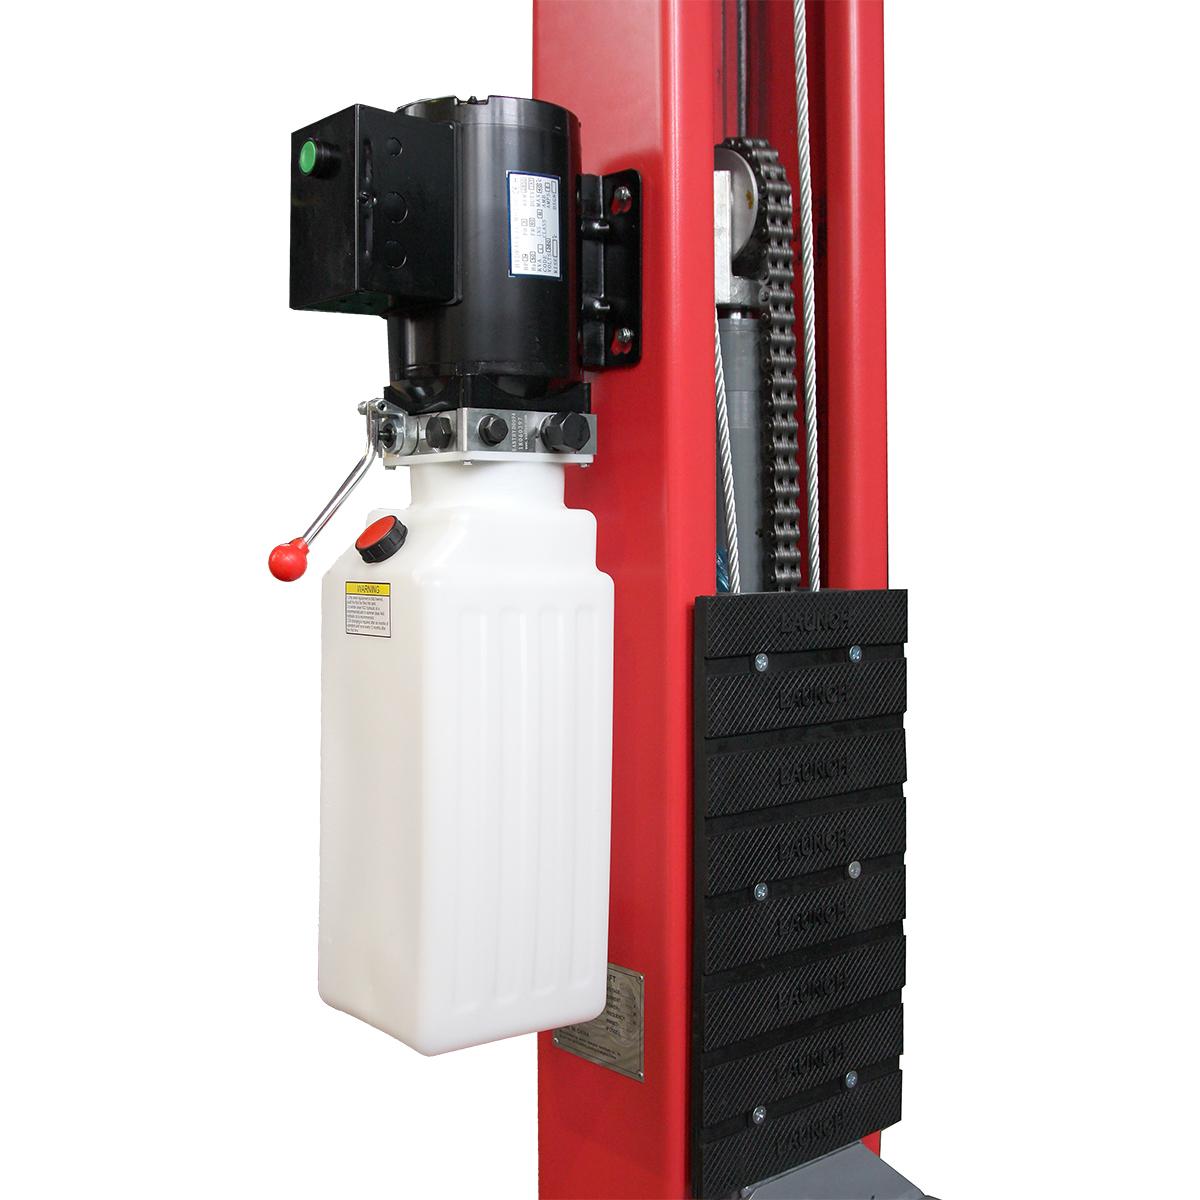 Резиновая накладка для защиты дверей подъёмника LAUNCH TLT-240SC